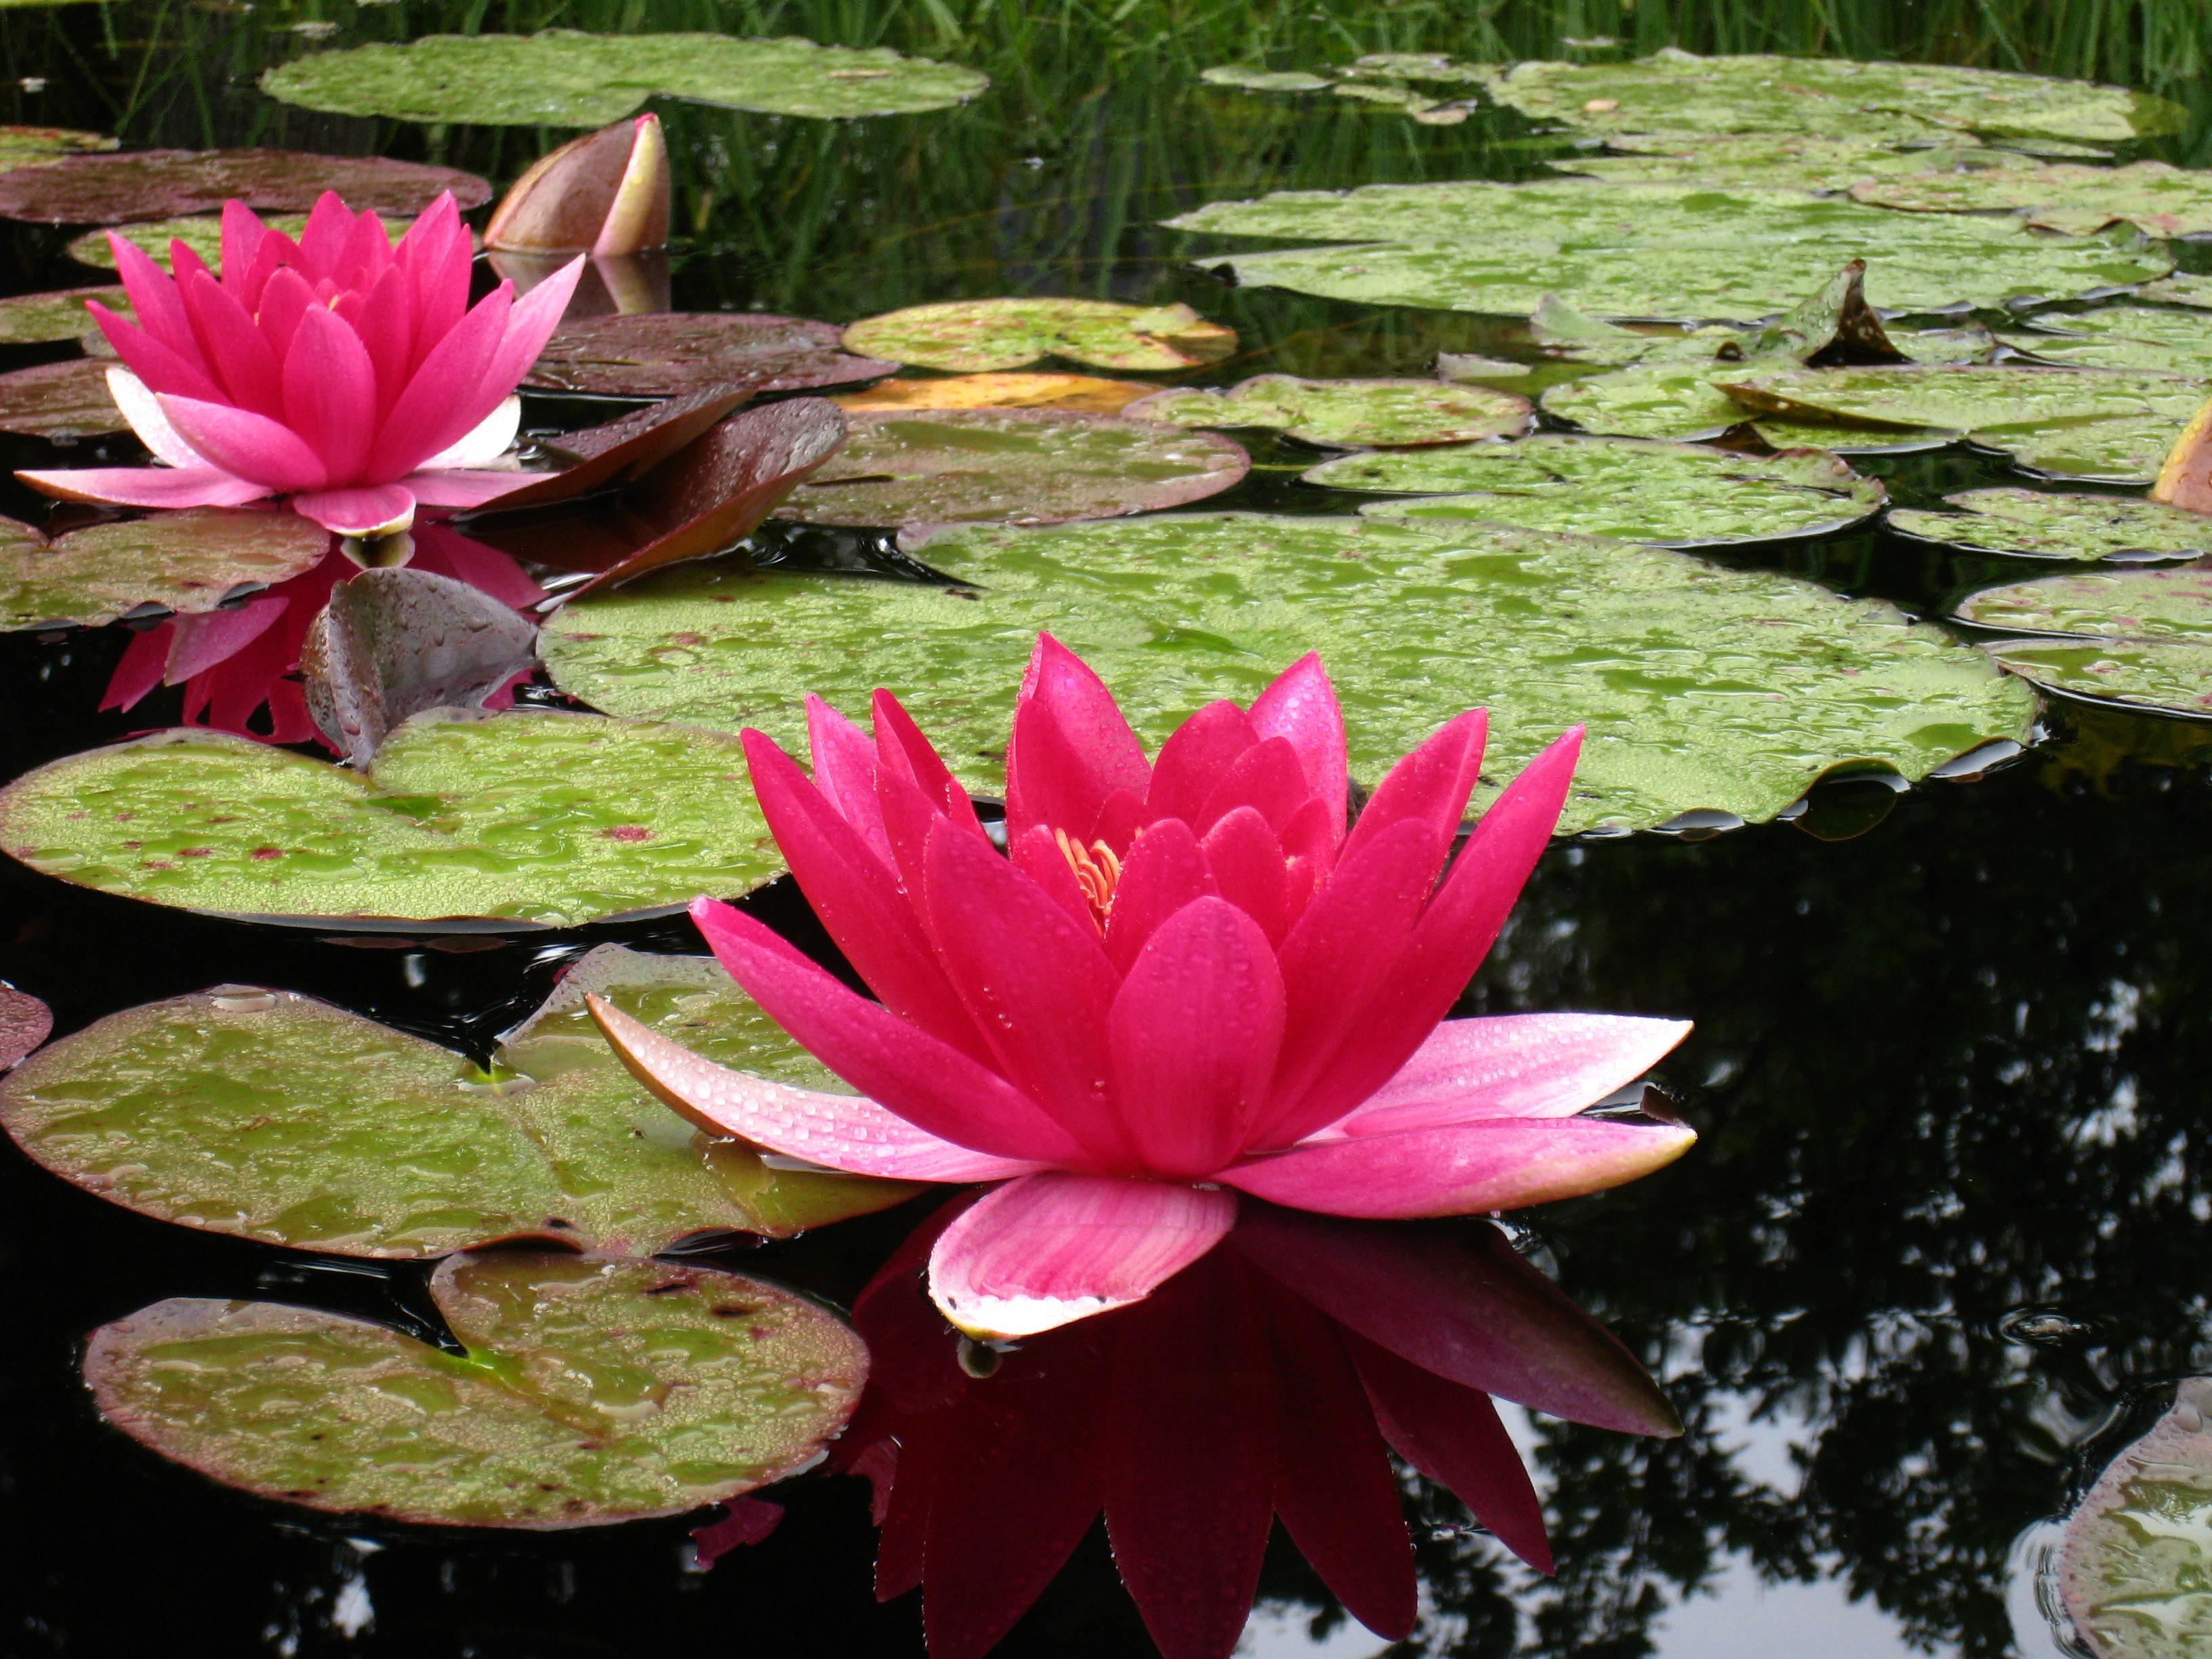 Free Images : leaf, flower, petal, summer, pond, red, dust, botany ...